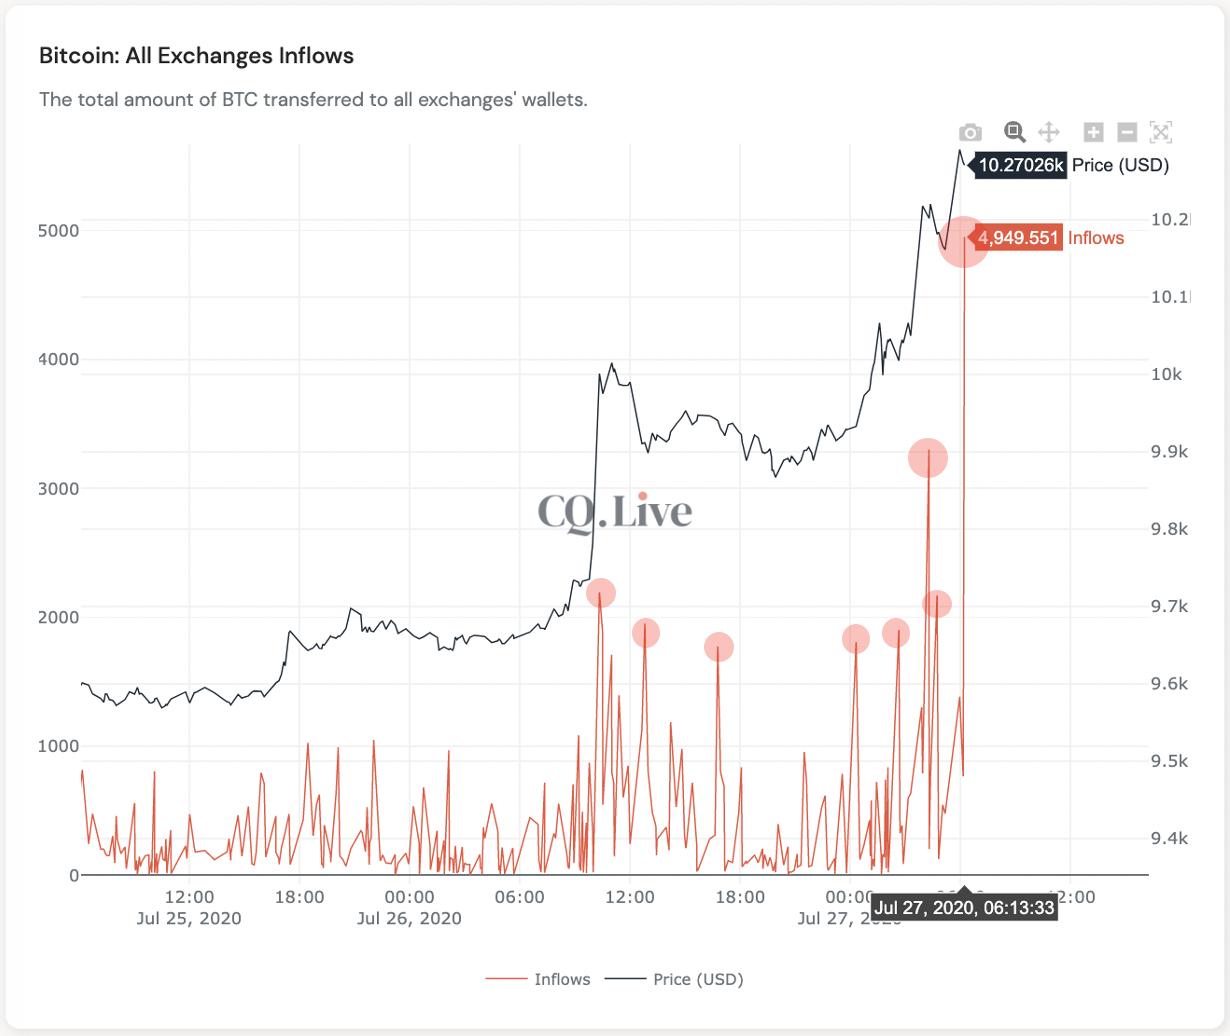 ed6ecpavaae1vnv - «Киты» могут спровоцировать падение биткоина